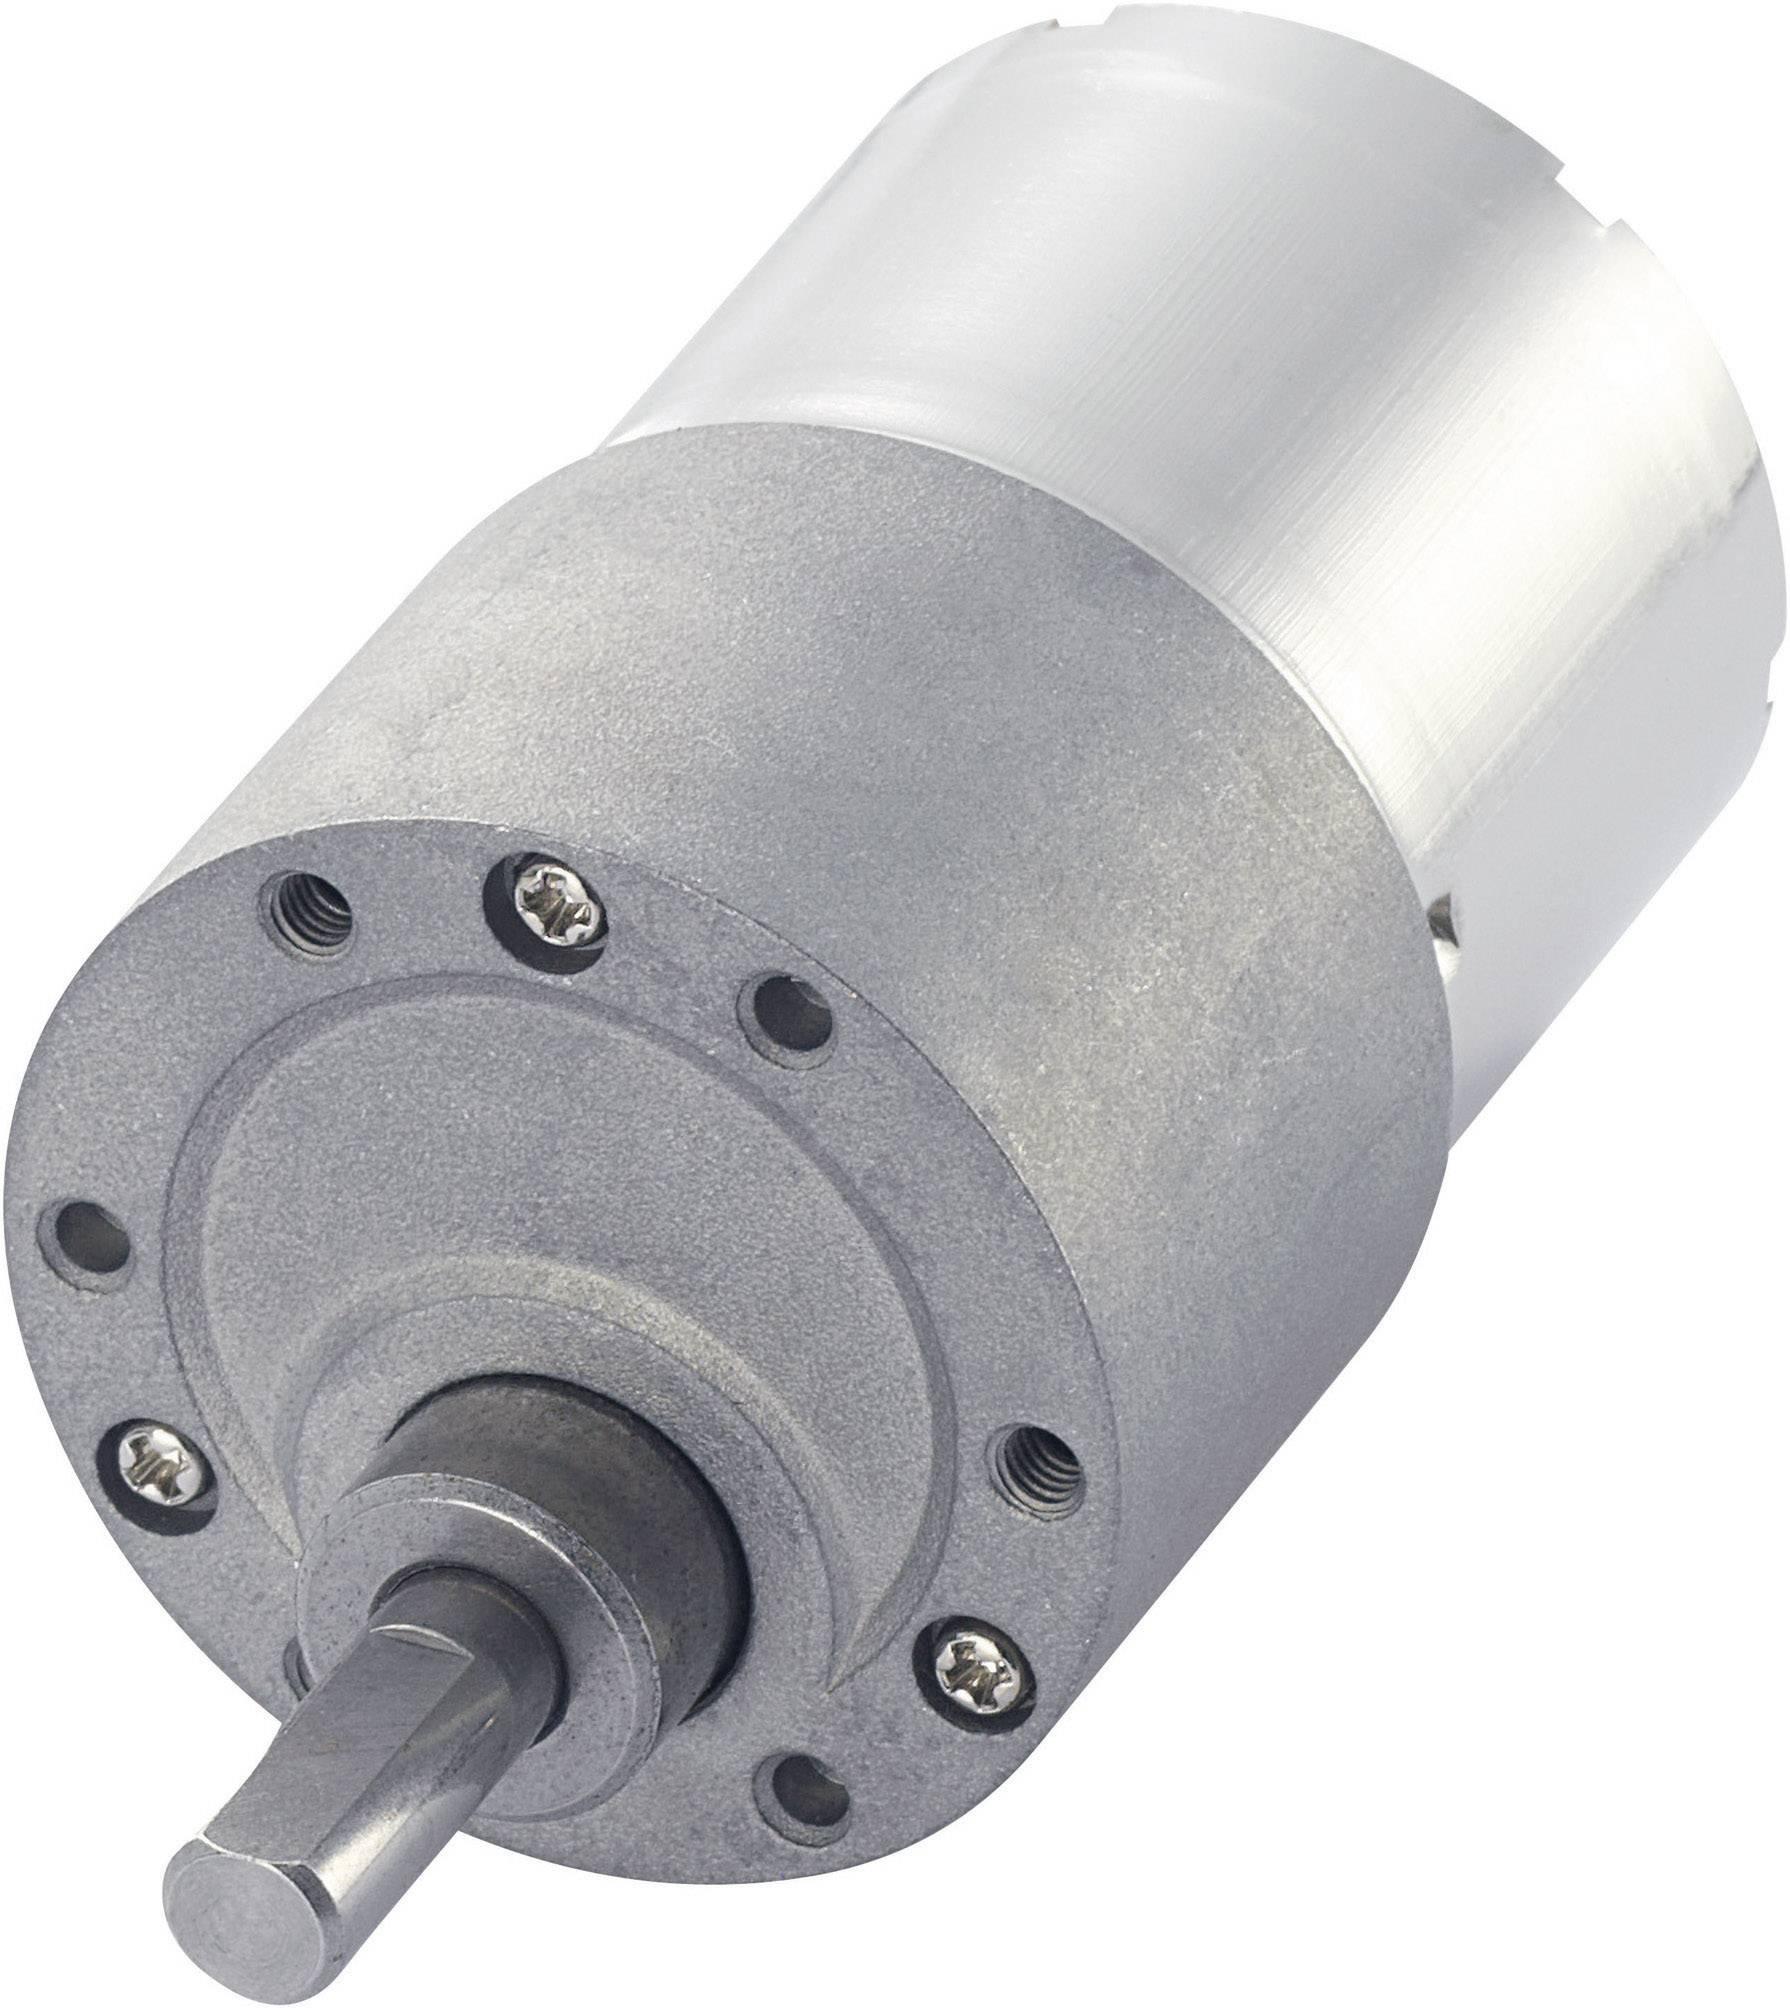 Motor s převodem Modelcraft RB350200-0A101R, 12 V, 200:1